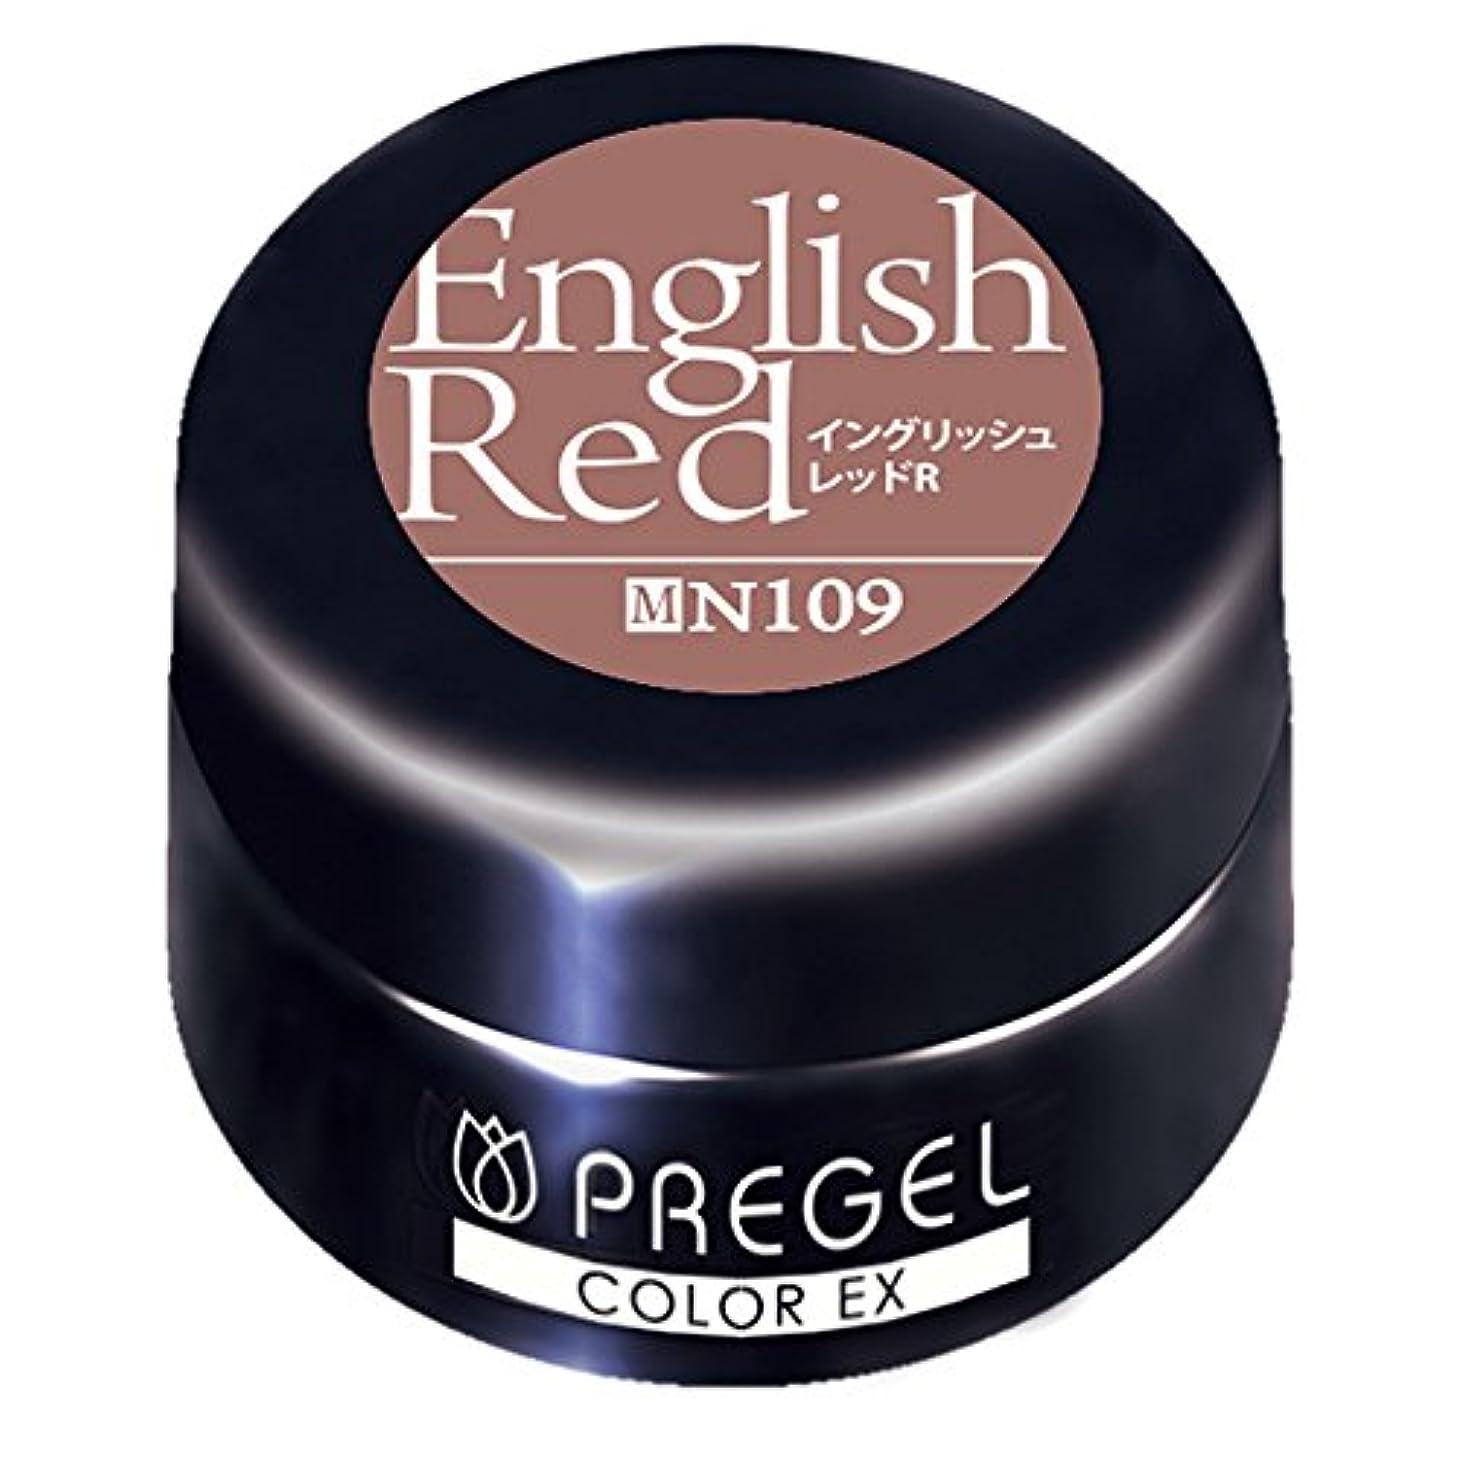 苦しむクスコ全滅させるPRE GEL カラージェル カラーEX イングリッシュレッド R109 3g UV/LED対応タイオウ